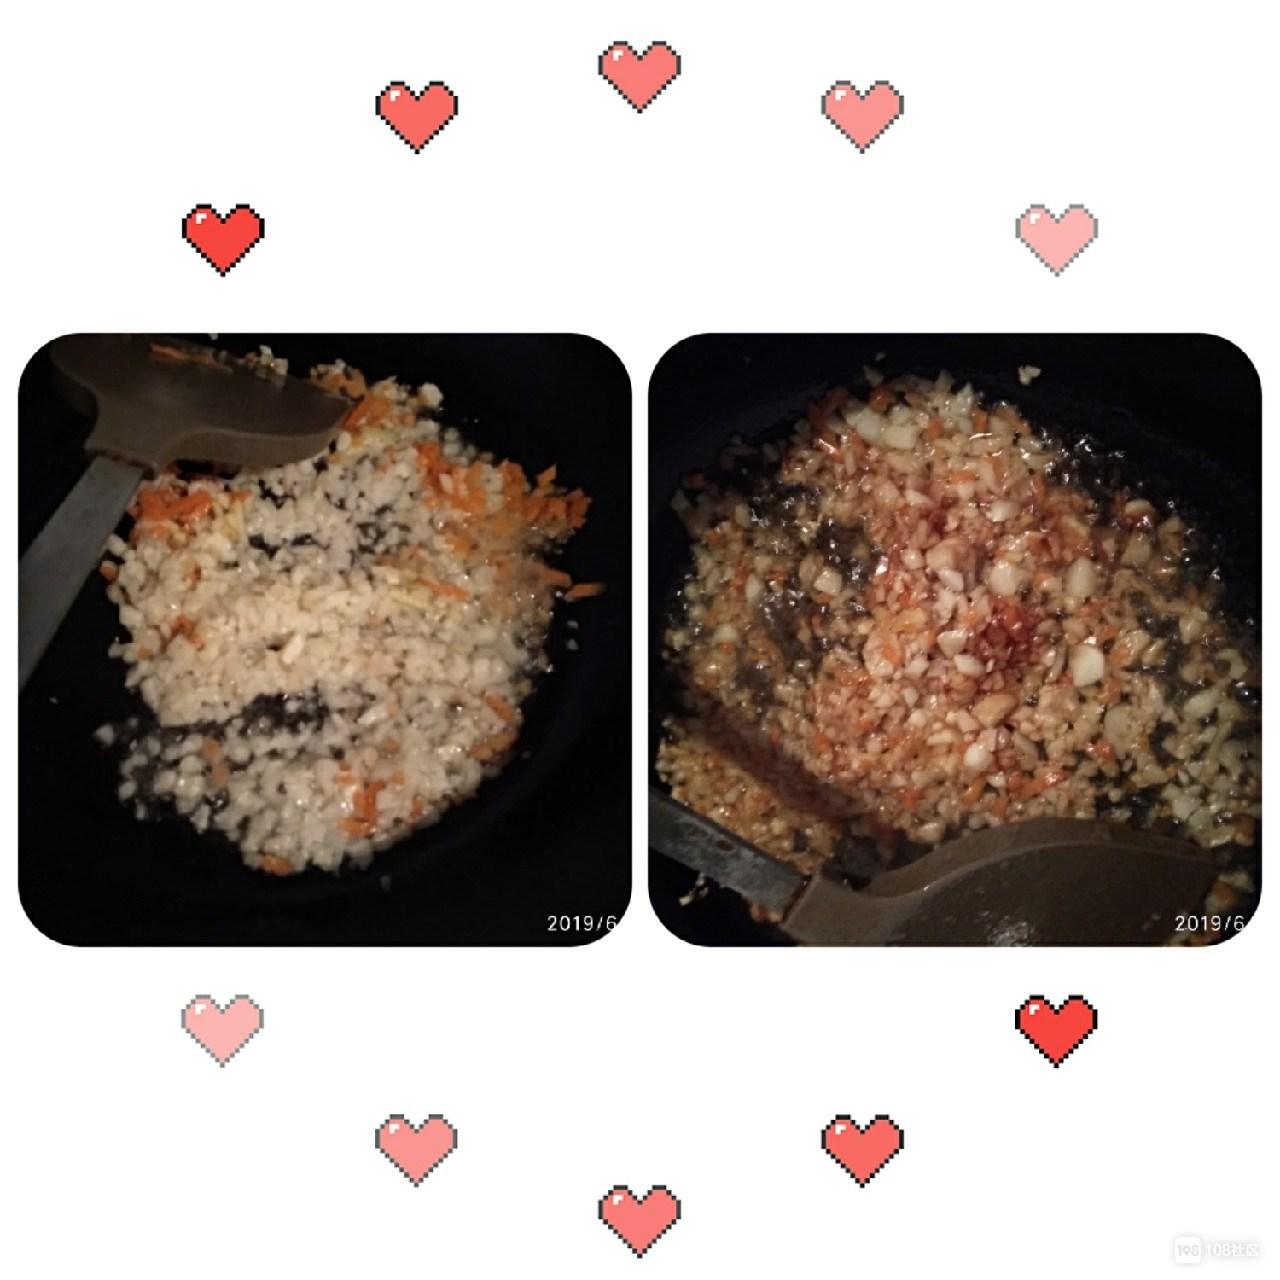 蒜蓉粉丝蒸虾提味保鲜营养不流失,学会它孩子喜欢丈夫夸赞!